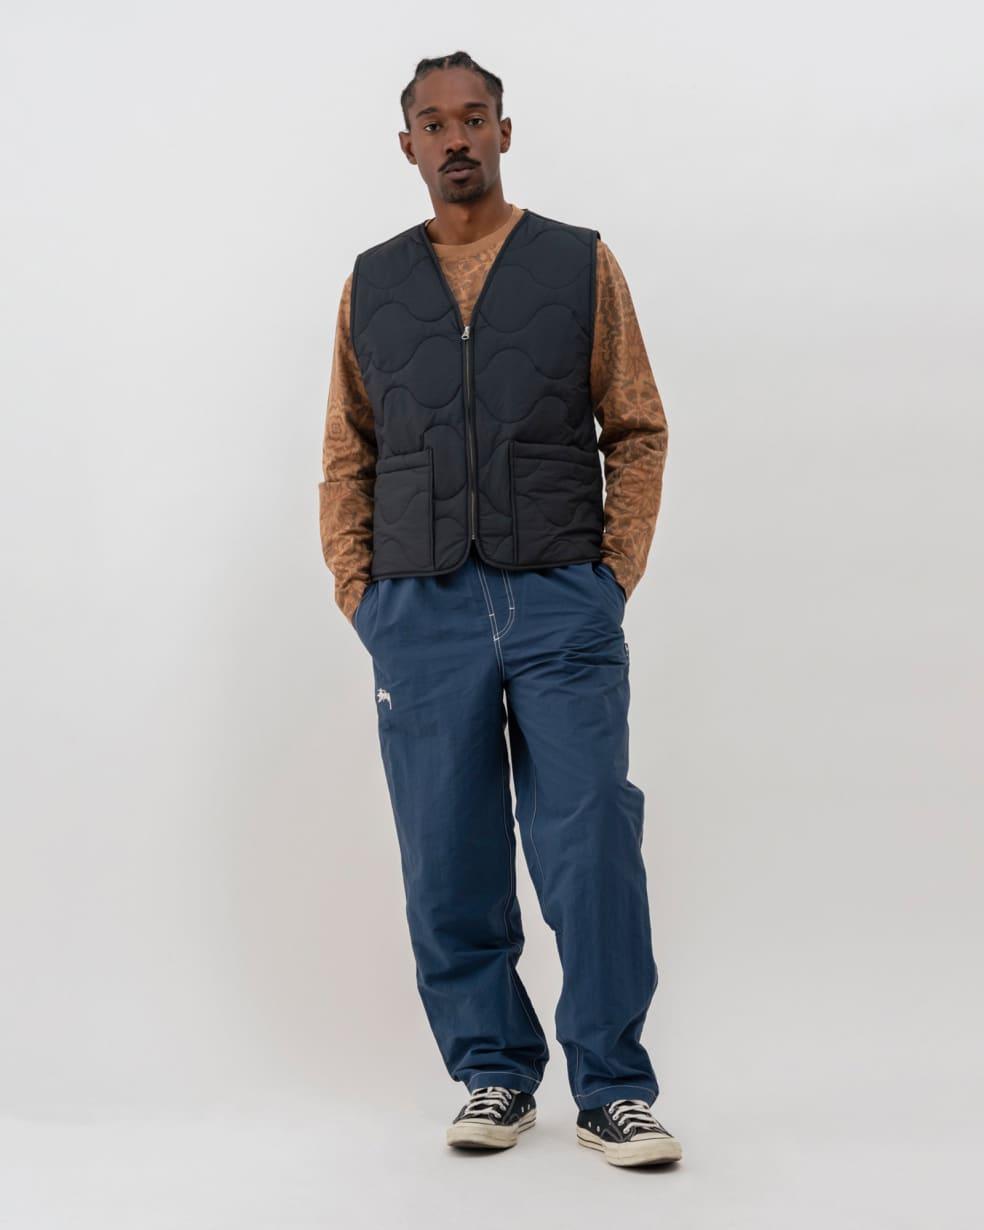 Stüssy Quilted Liner Vest - Black | Gilet by Stüssy 3